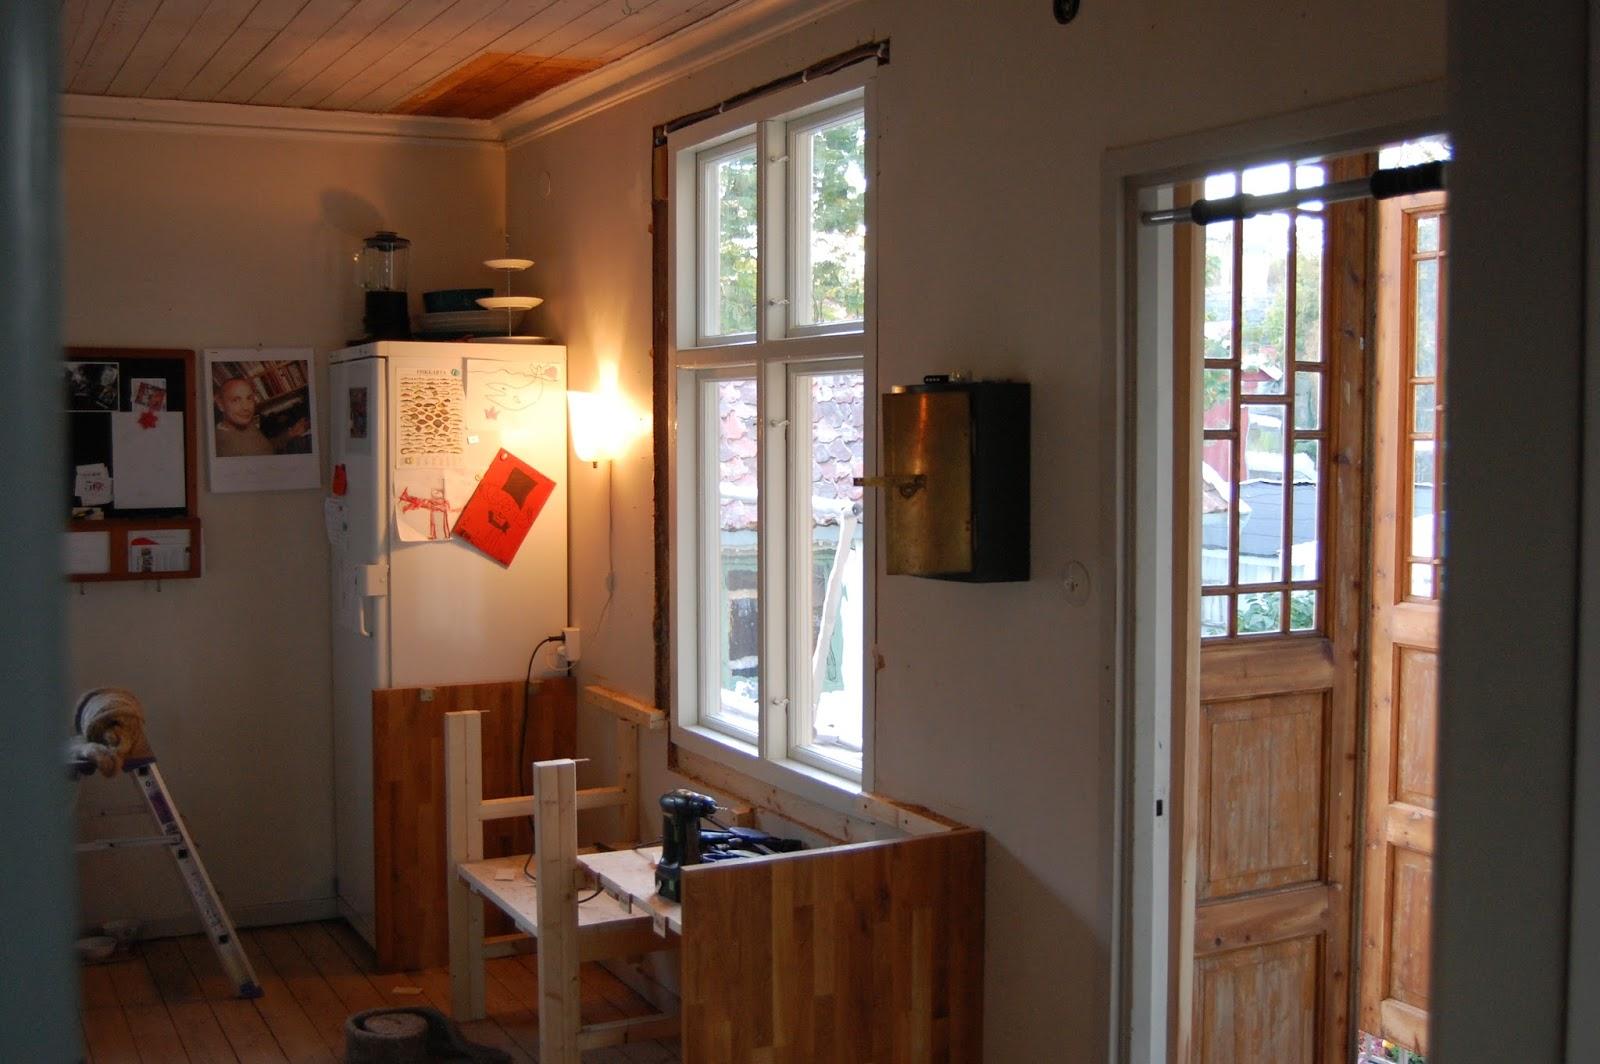 Sommarvägen 4, Öckerö: monterar fönster f6 i köket